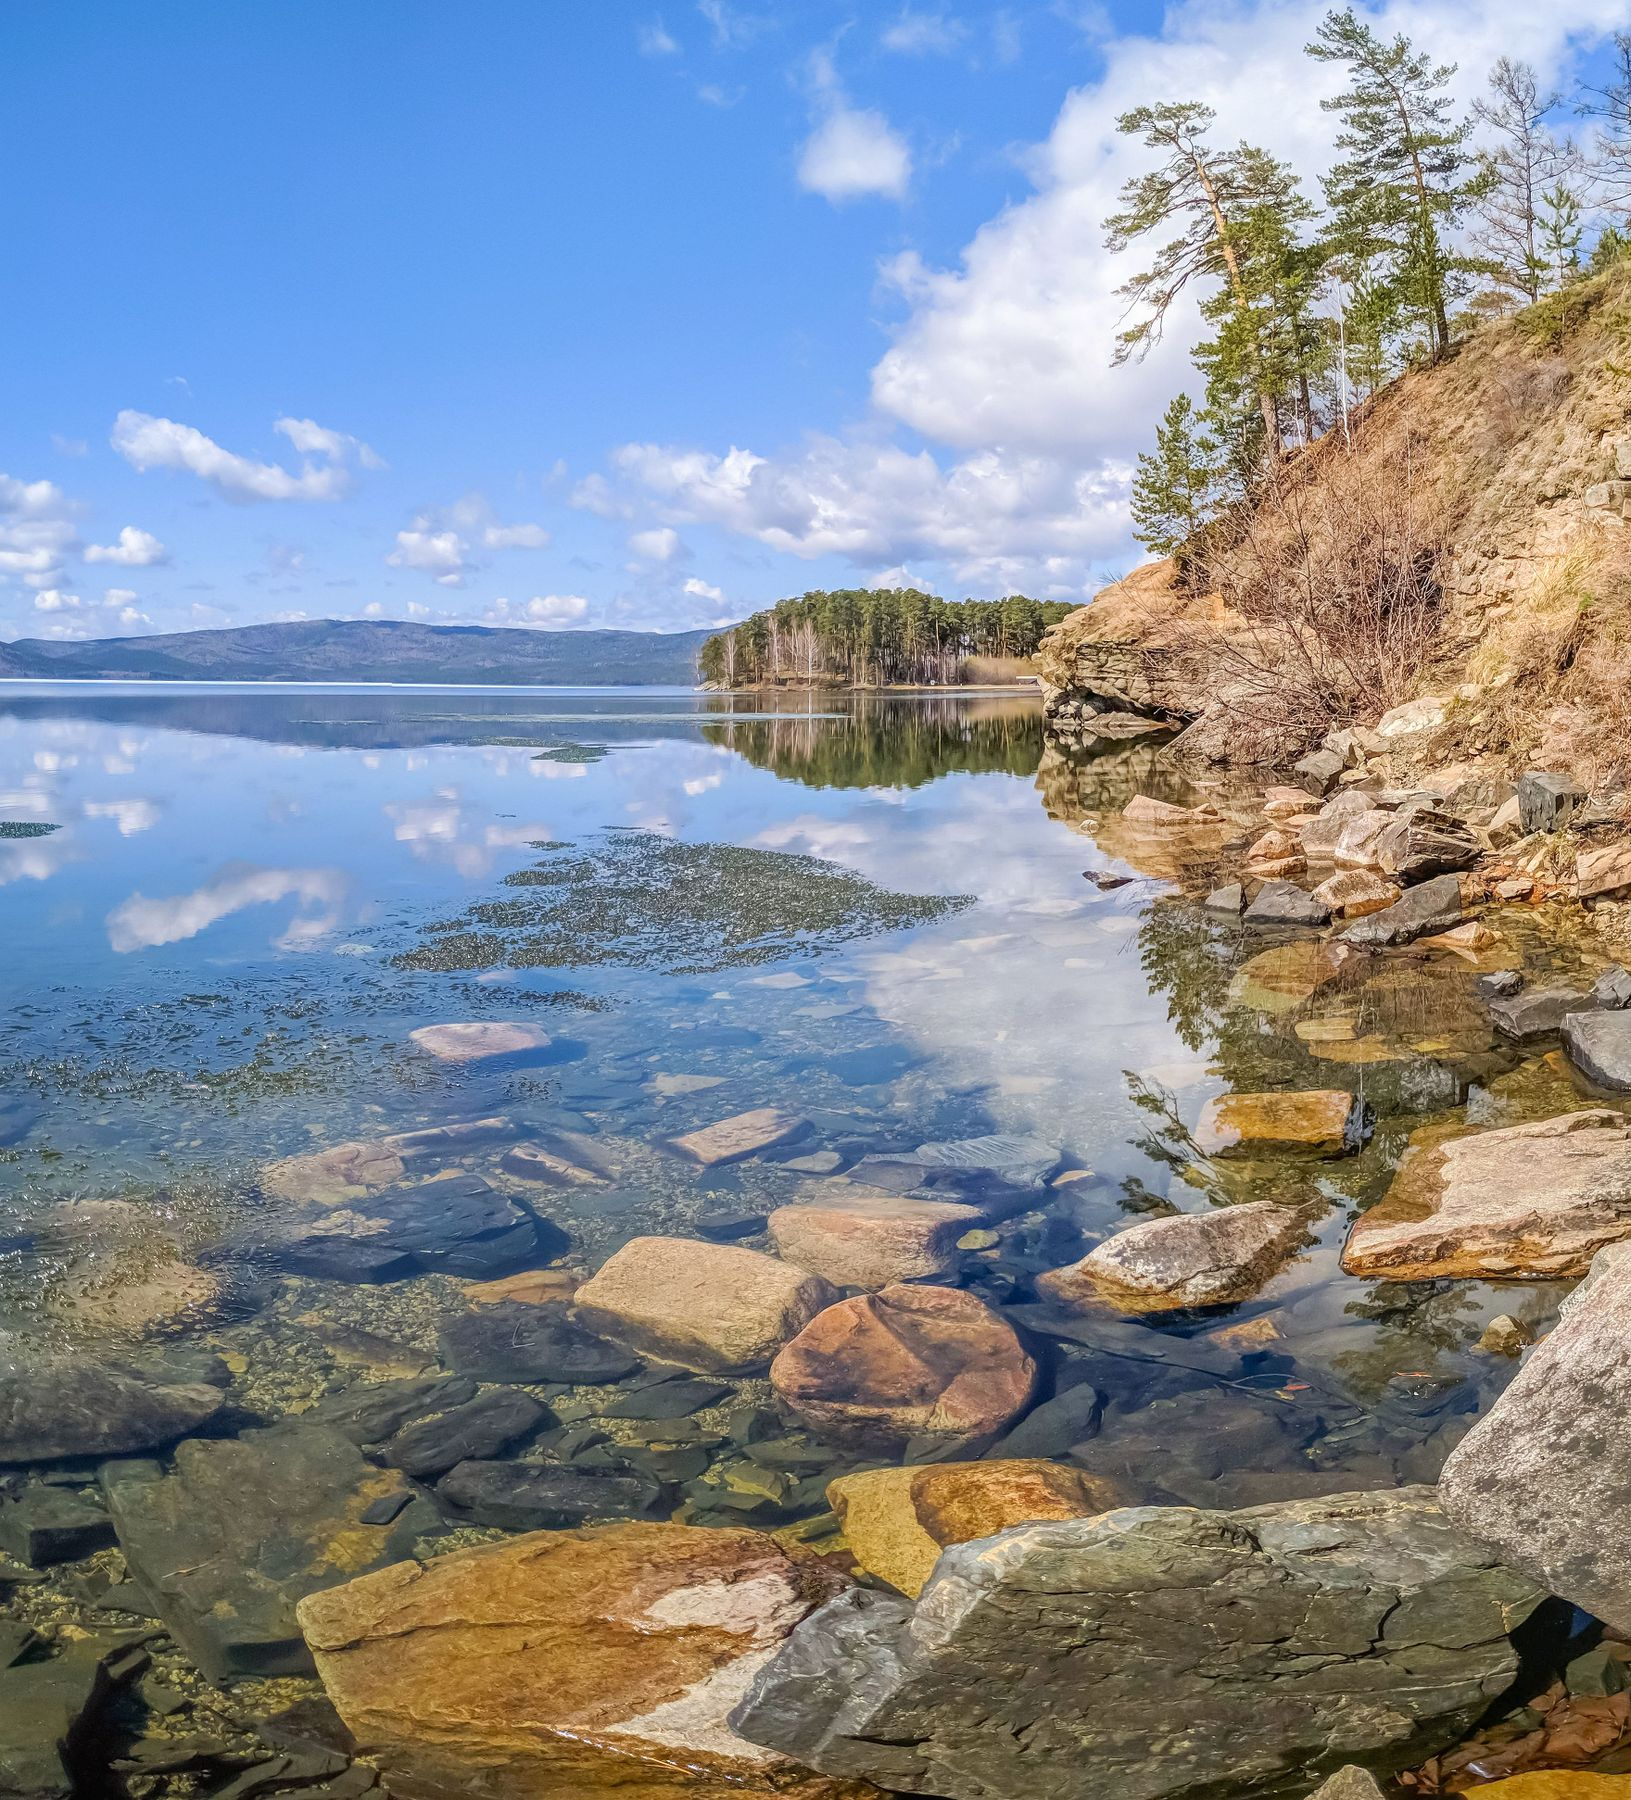 Майское утро на озере Тургояк. Южный Урал Миасс Тургояк природа лес весна Май